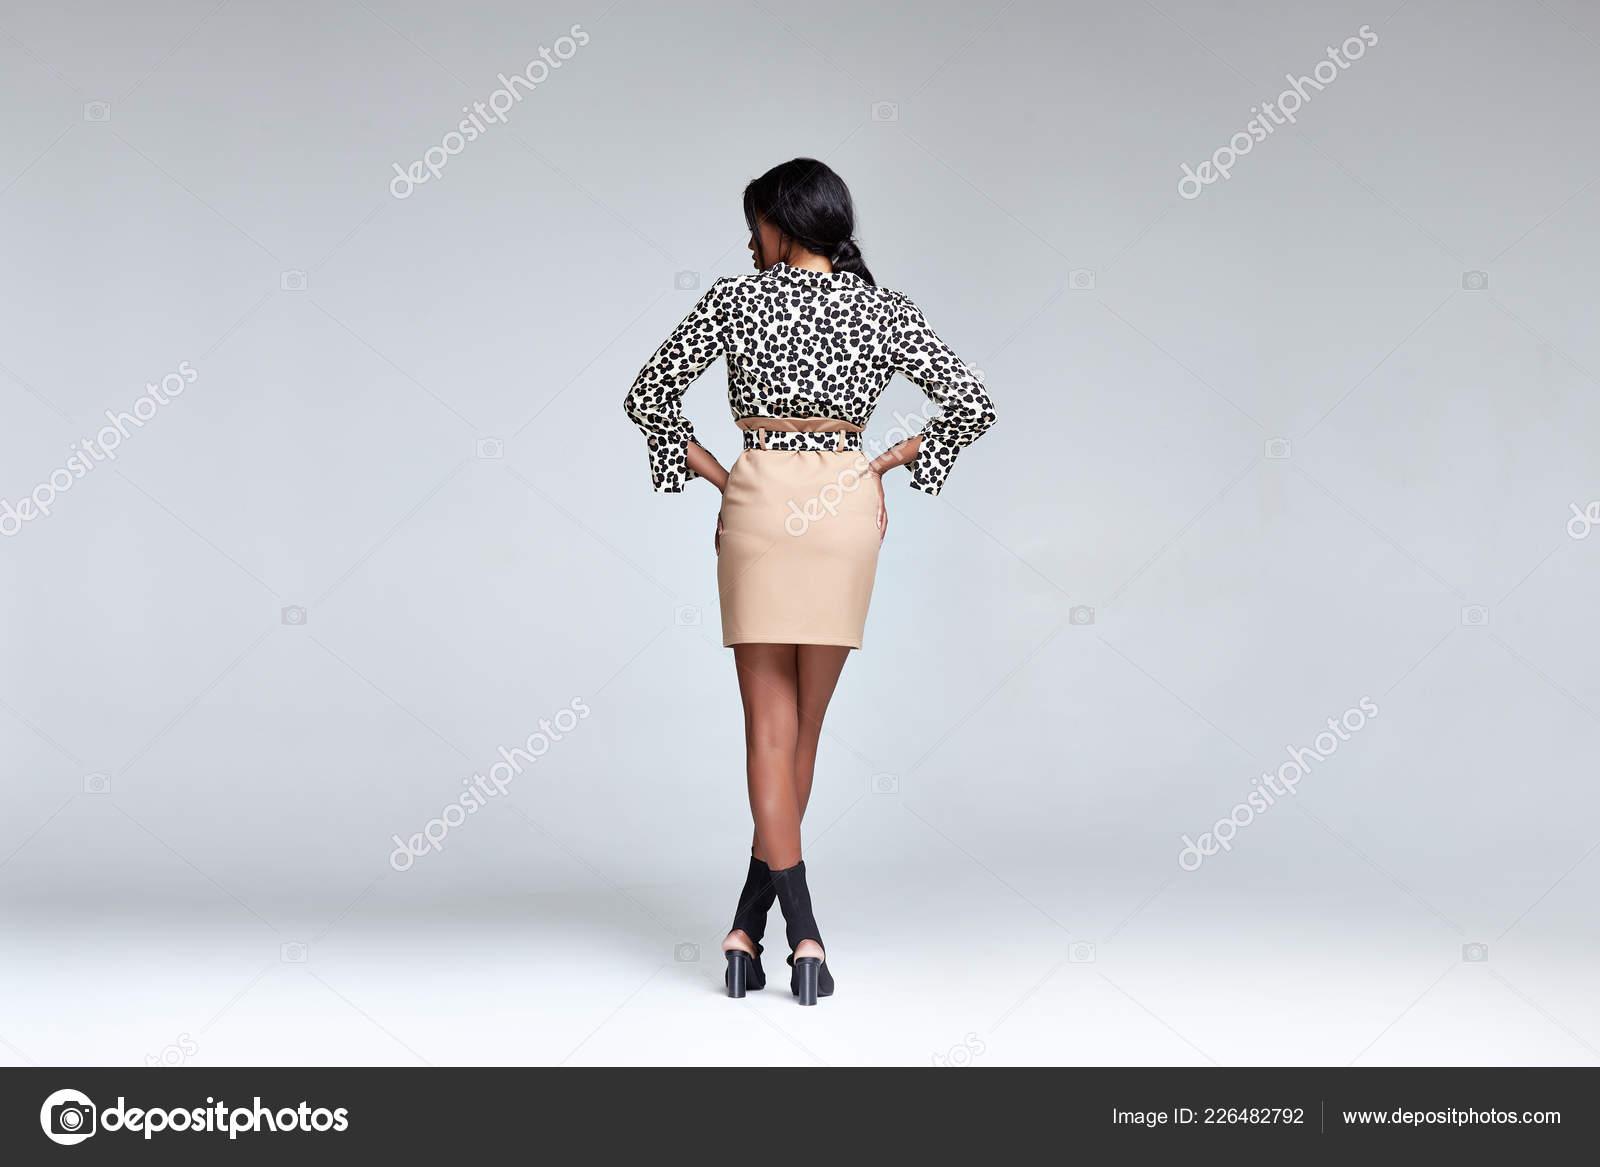 38d50739c80 Krásná žena obchodní styl kolekce party módní oblečení halenka sukně pásek  luxusní oblečení pro každý den příslušenství model dráhy mulat kůže  kosmetické ...